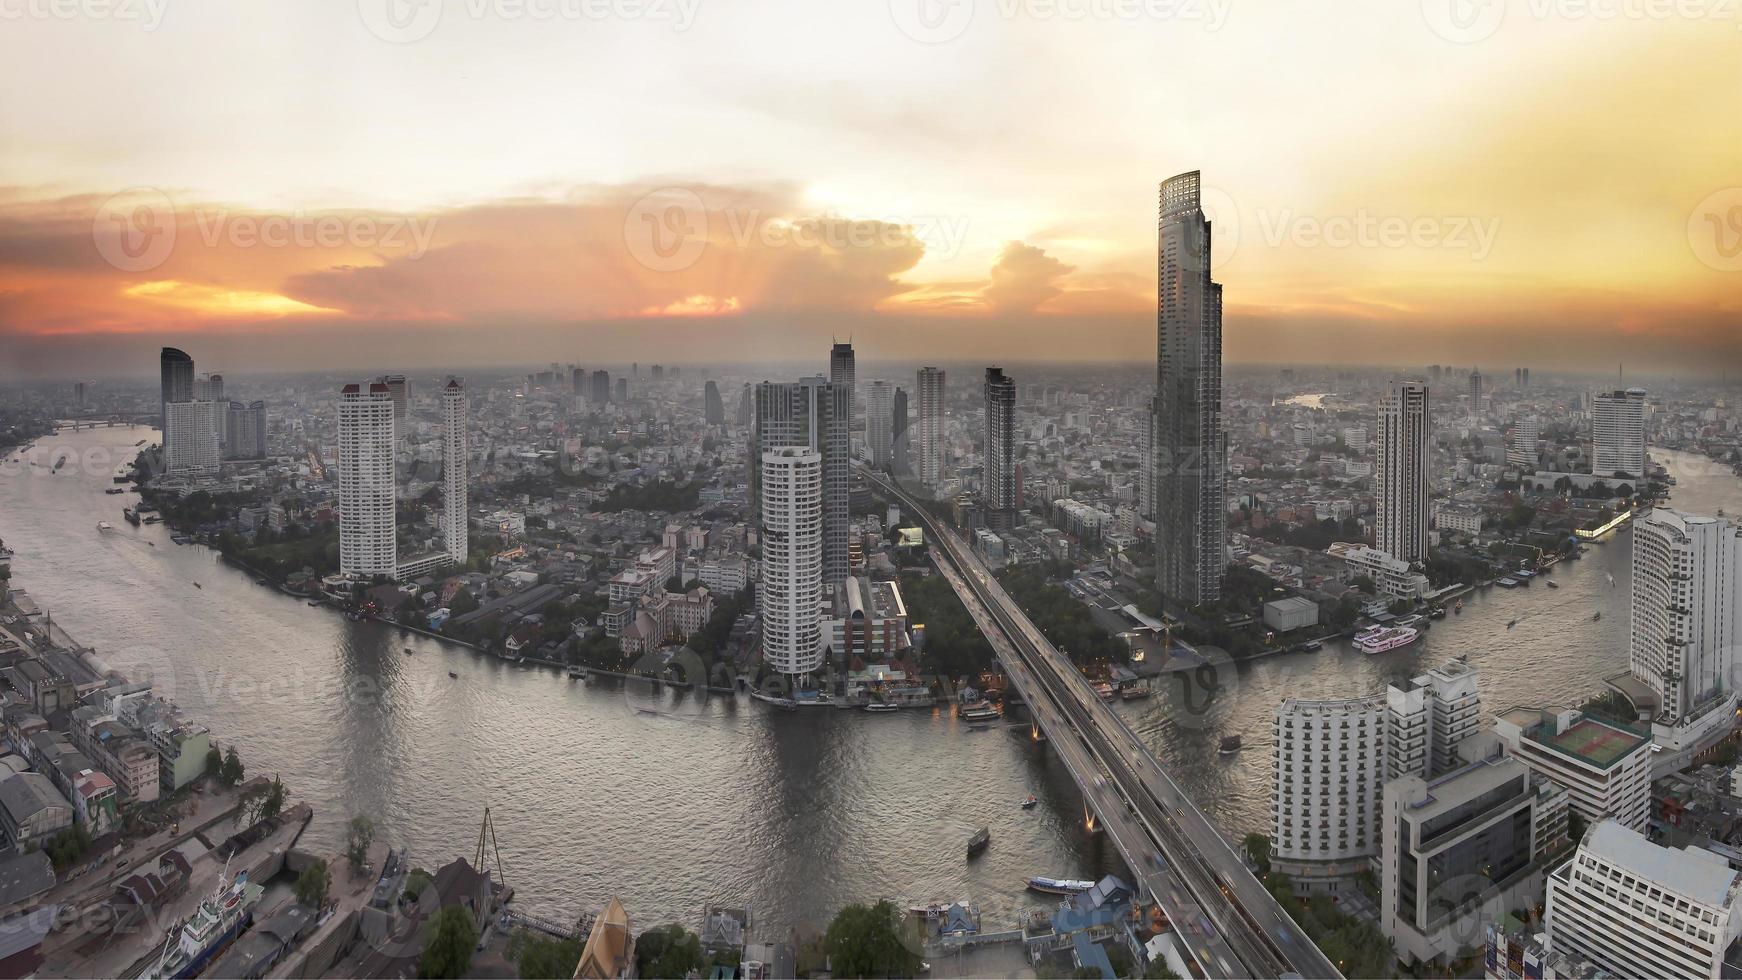 Luftaufnahme des Bangkok-Abends auf den Wolkenkratzern in der Innenstadt. foto